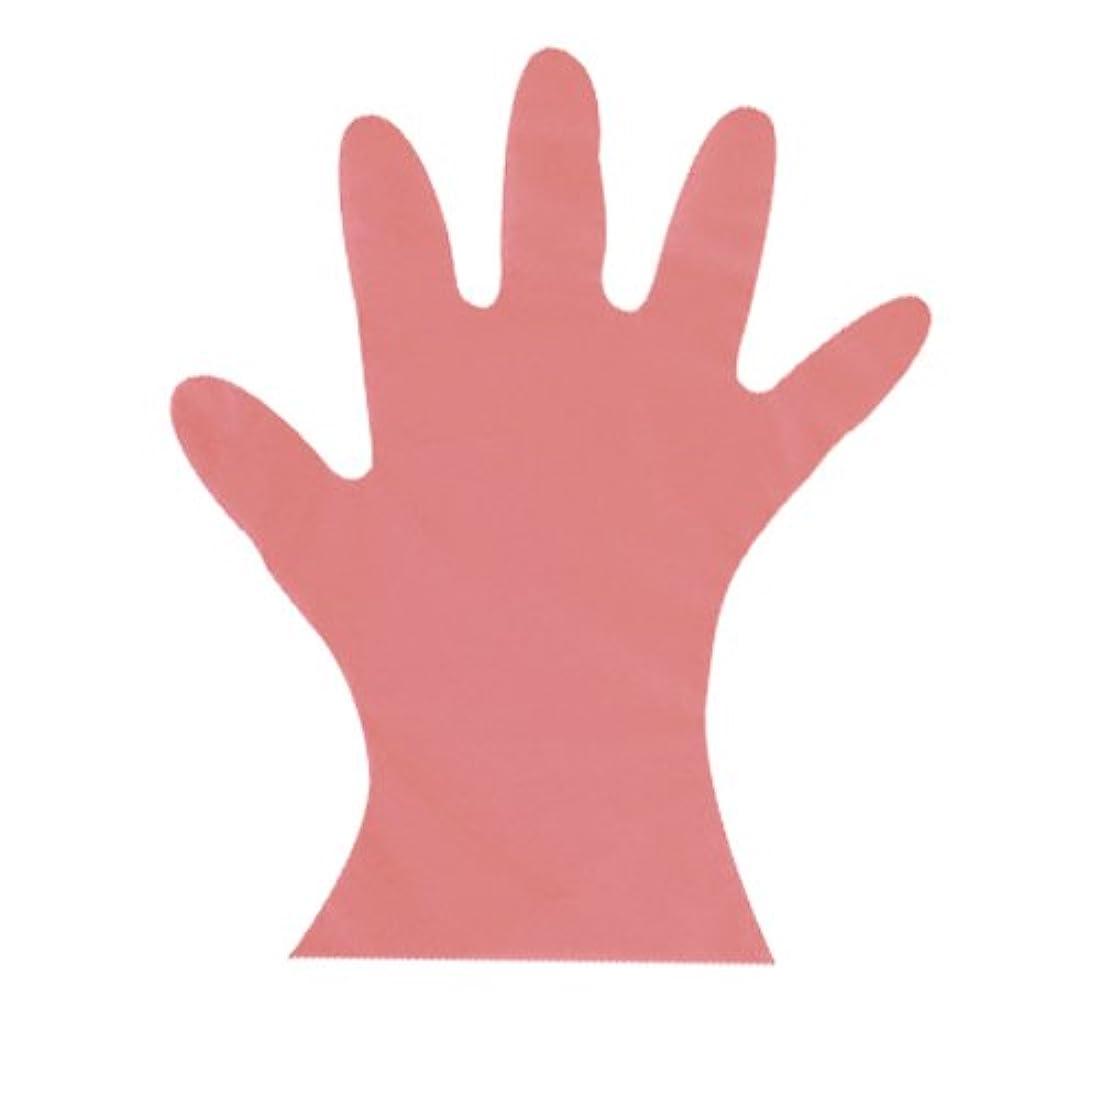 スリルミシン他の日カラーマイジャストグローブ #28 化粧箱(5本絞り)200枚入 ピンク M 27μ